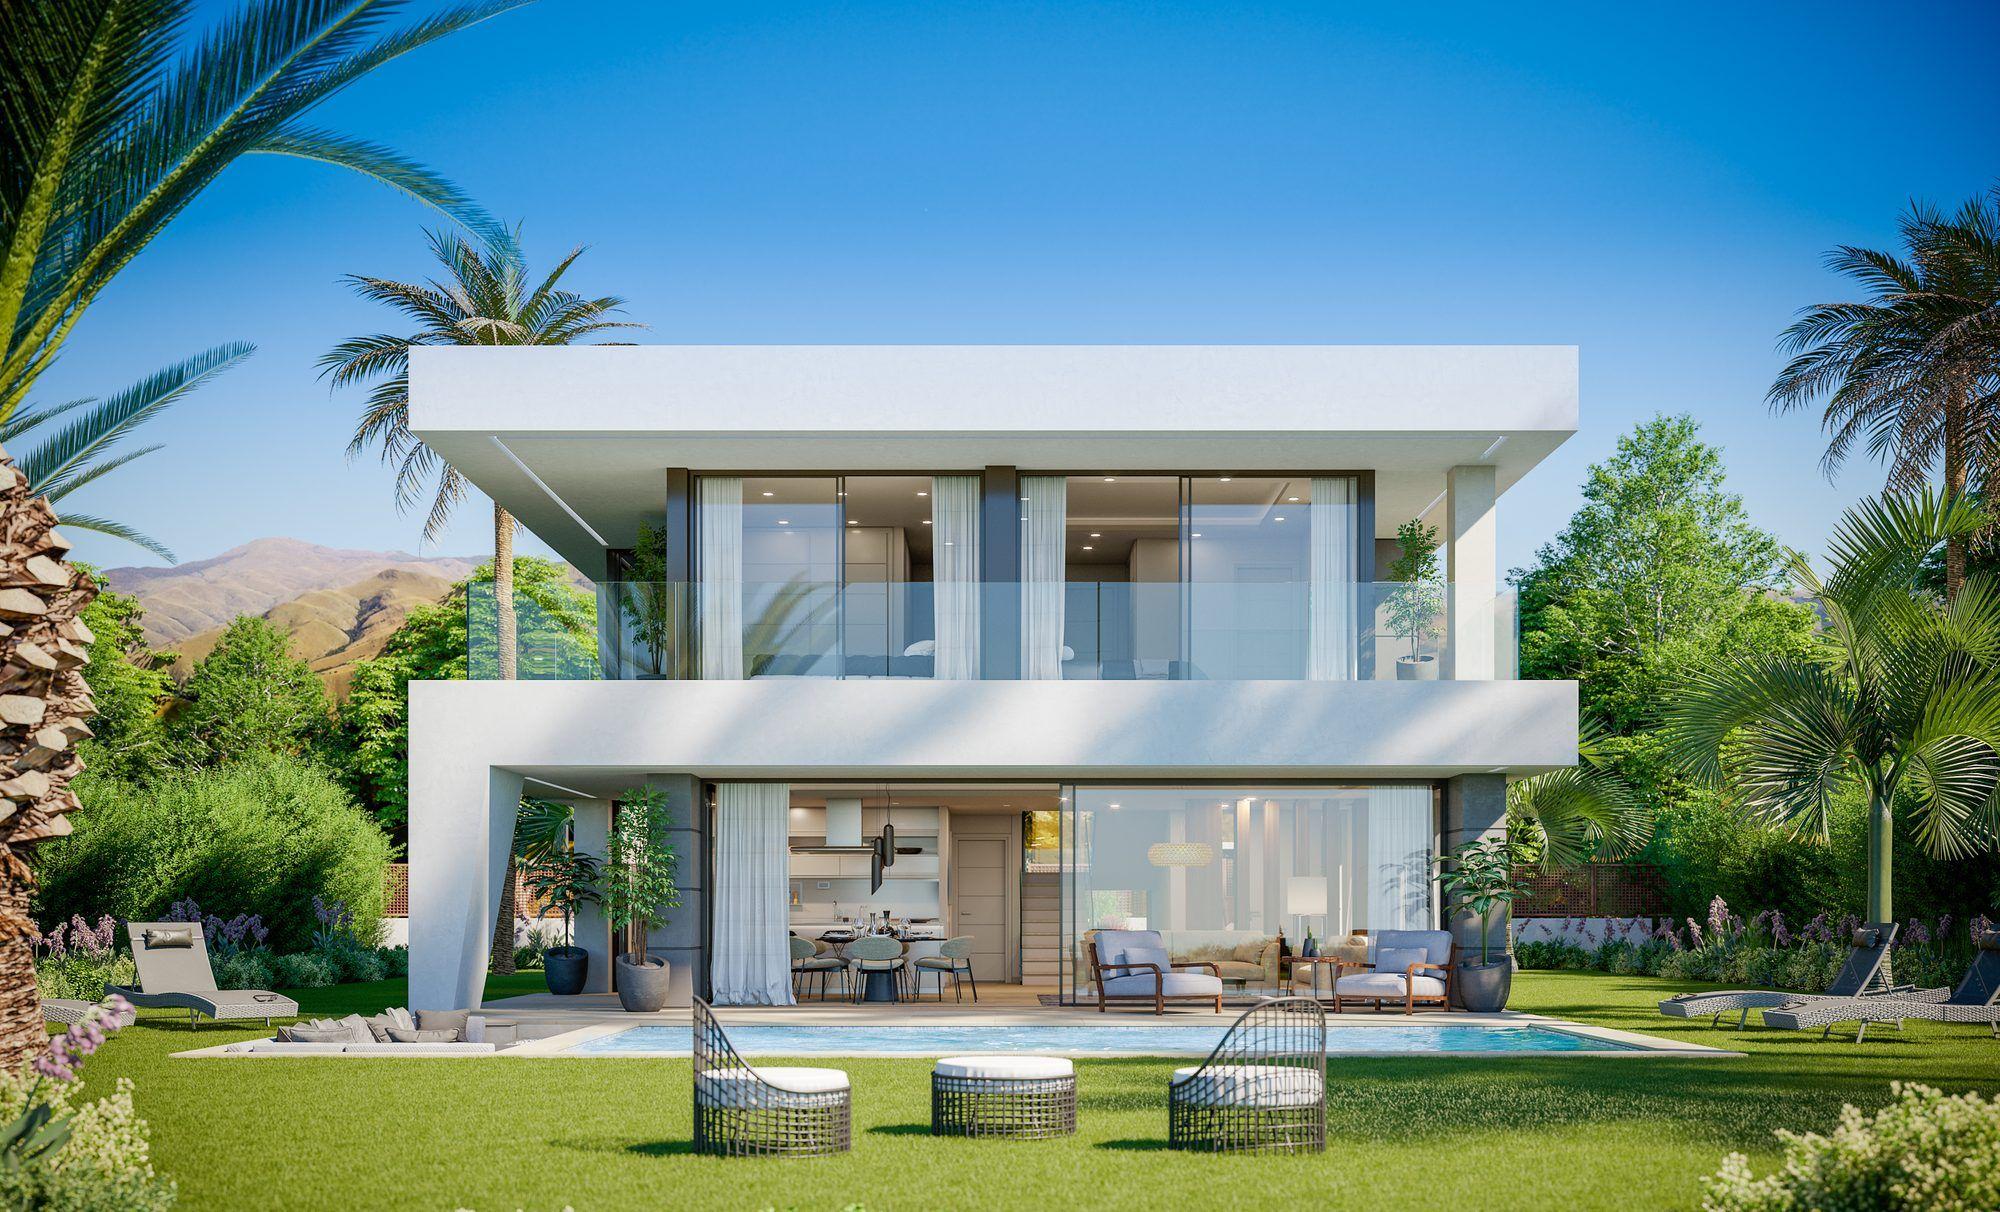 Luxury Villa Modern And Fresh Design In Duquesa Area In Manilva Spain For Sale 10765731 In 2020 Modern Villa Design Small Villa House Architecture Design